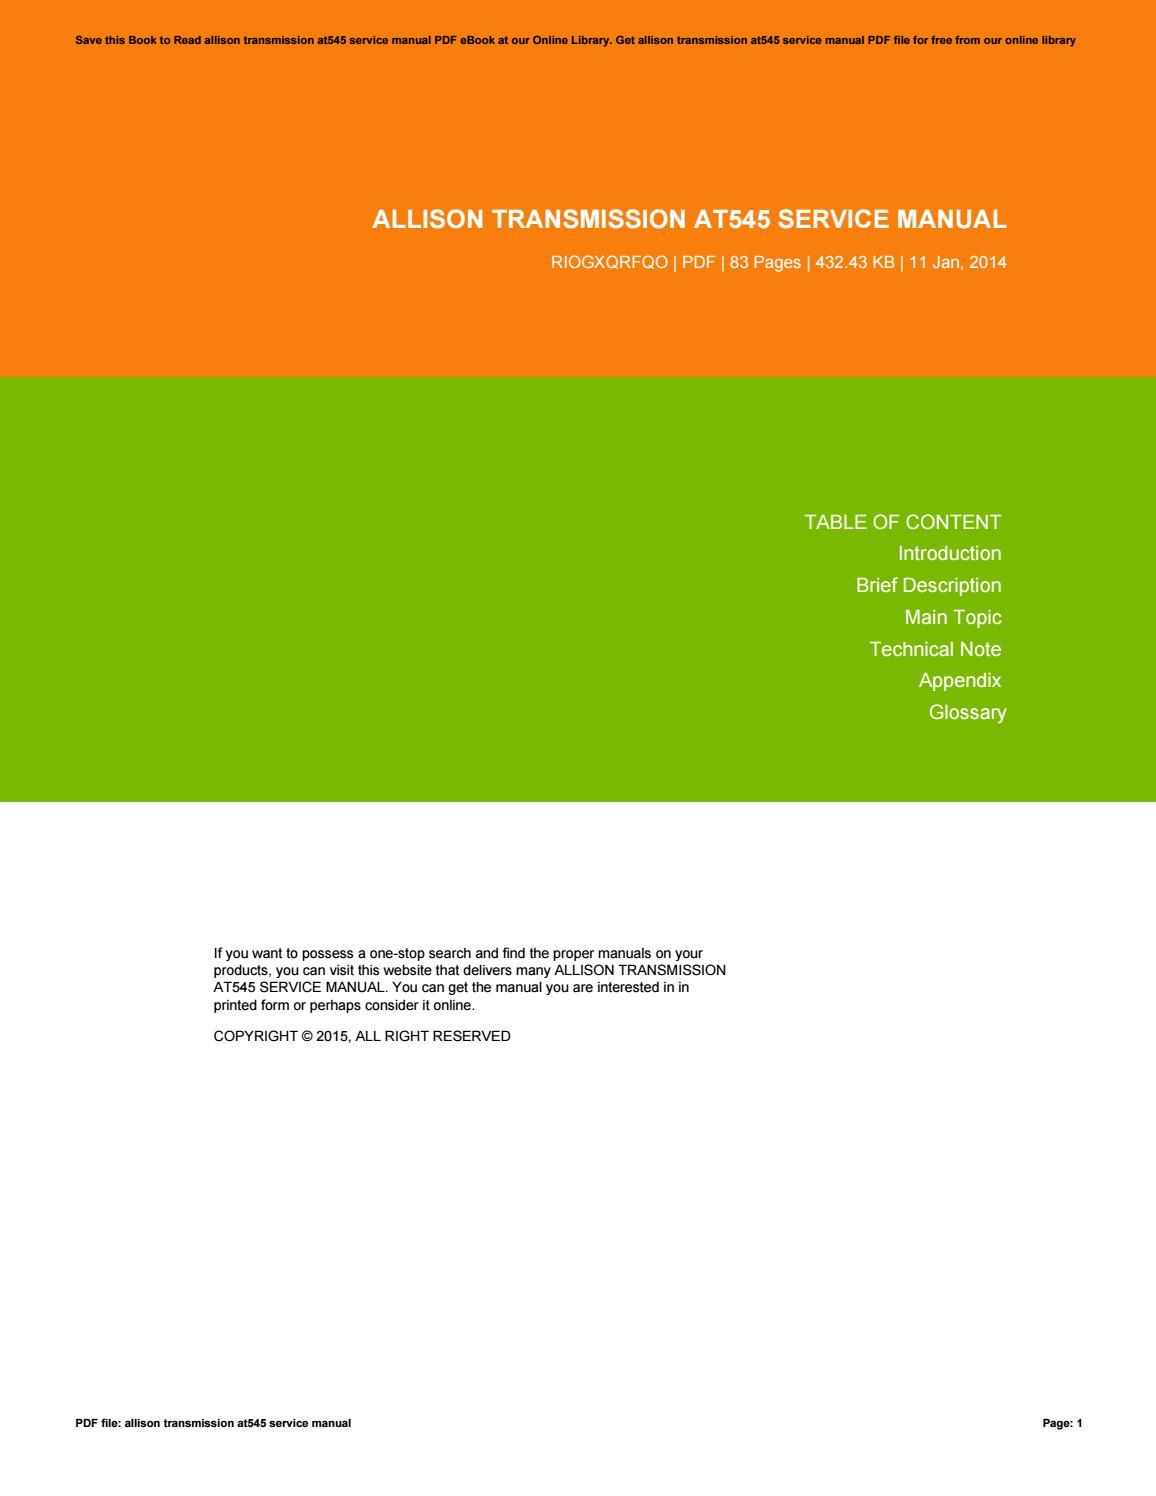 Allison Transmission Service Manual At545